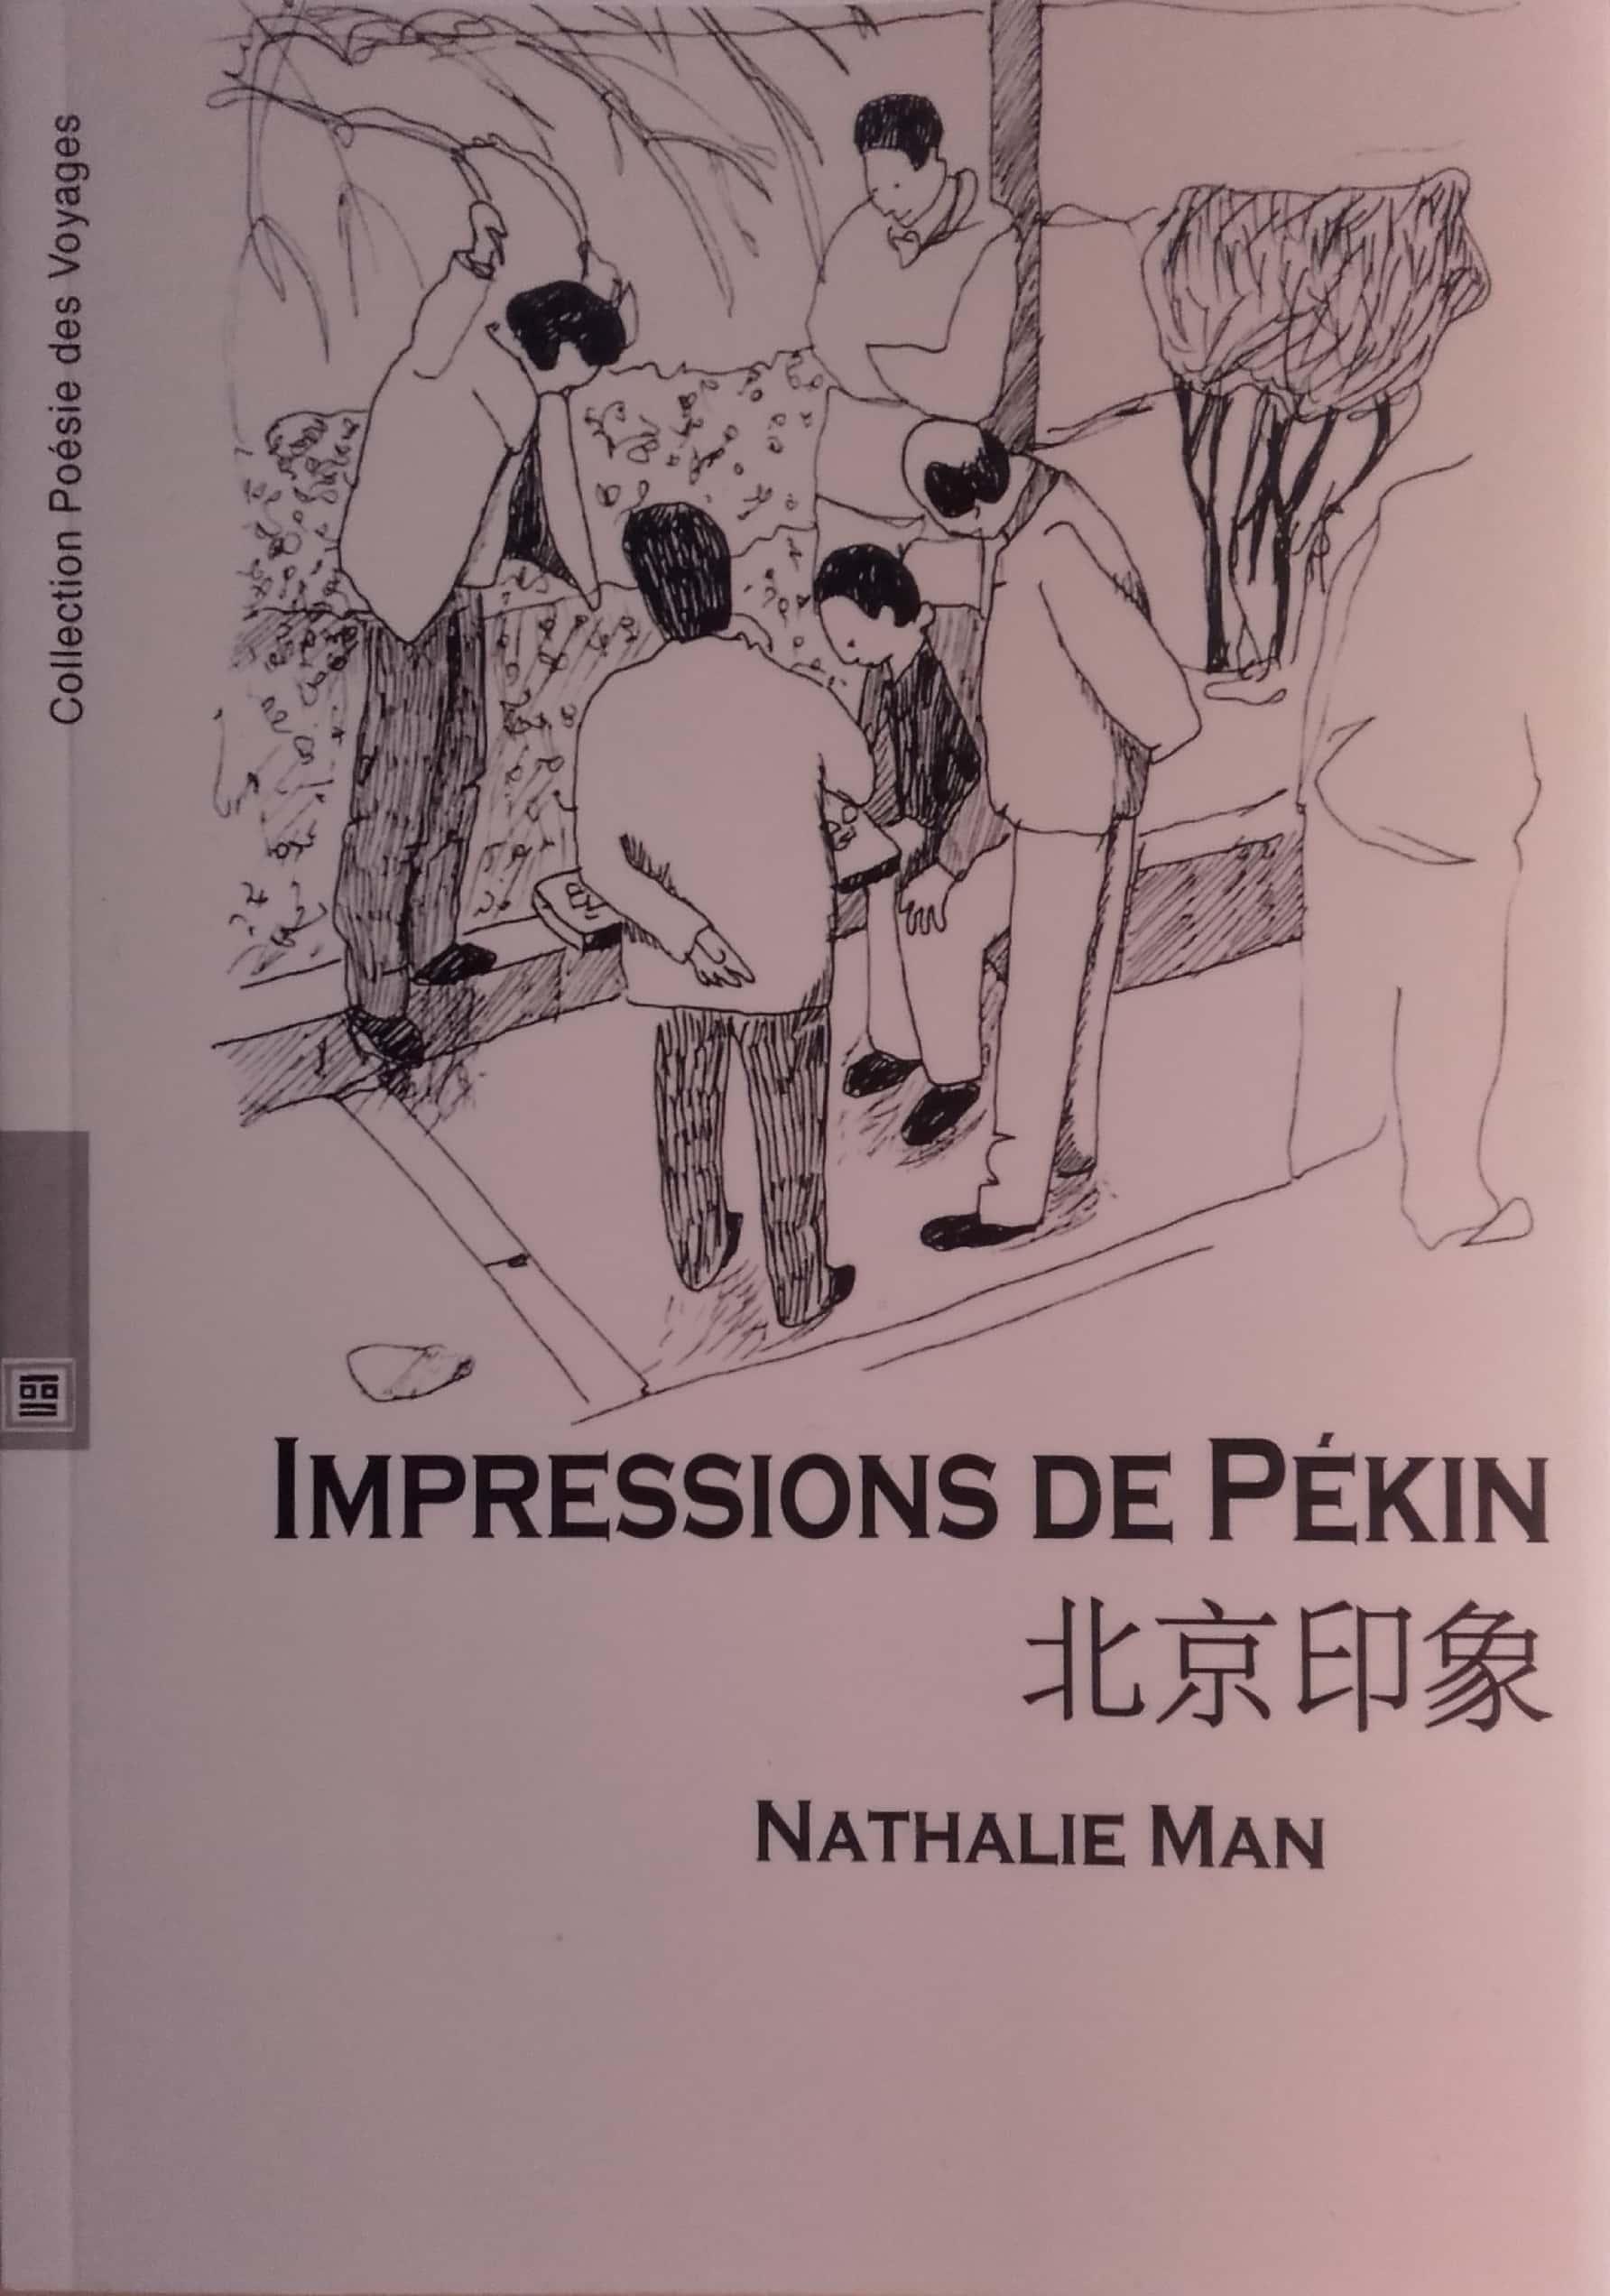 Impressions de Pékin, version chinois/français